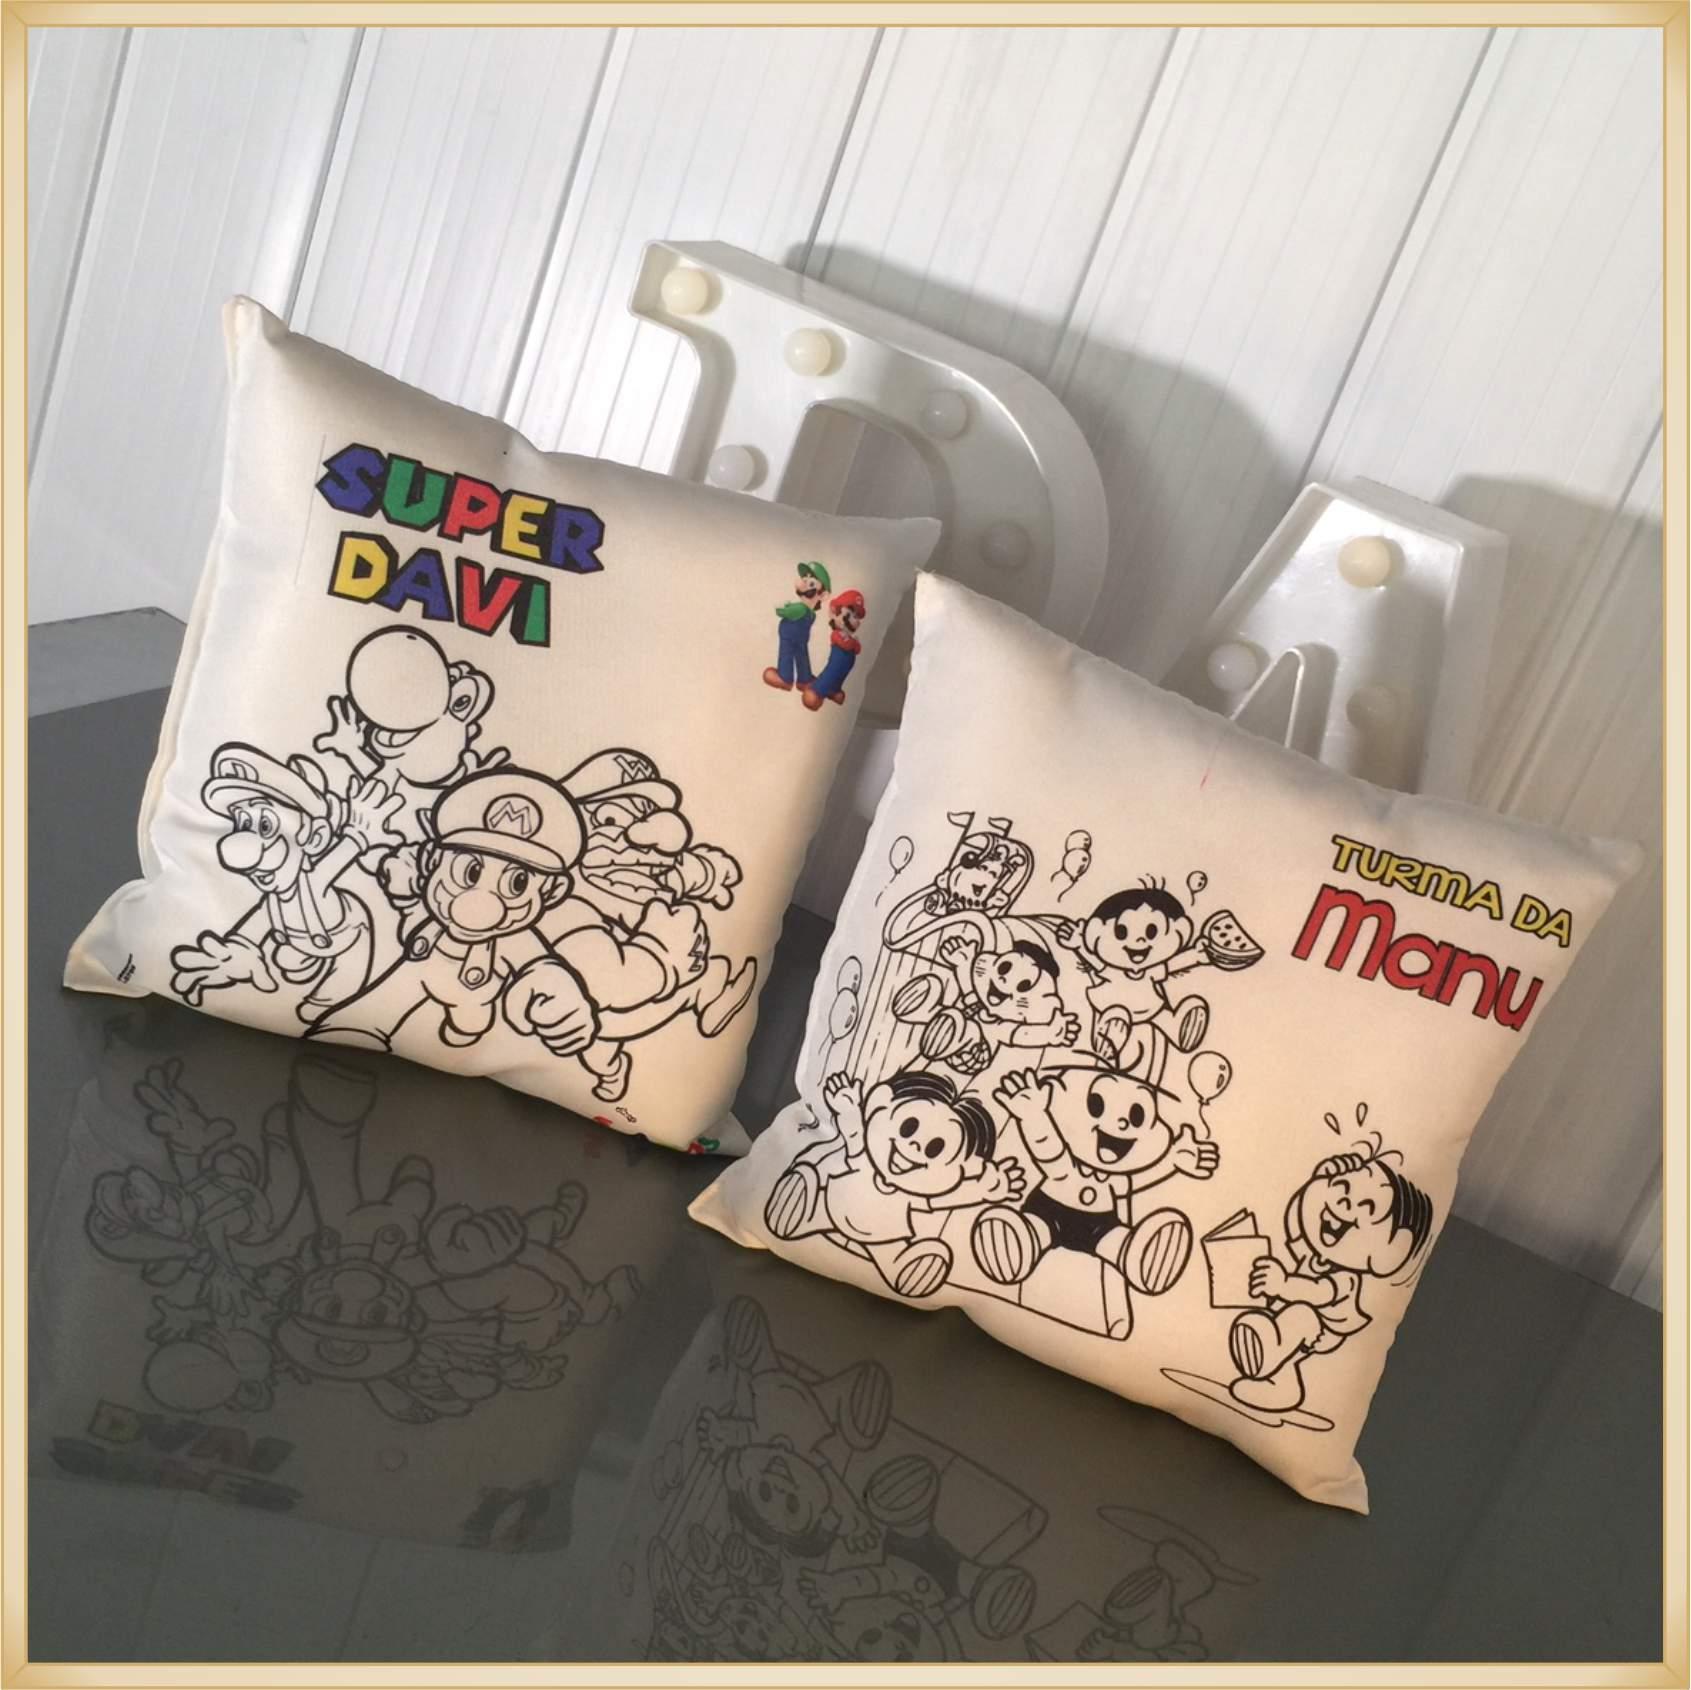 Almofadas para pintar personalizada aniversário infantil - Kit com 25